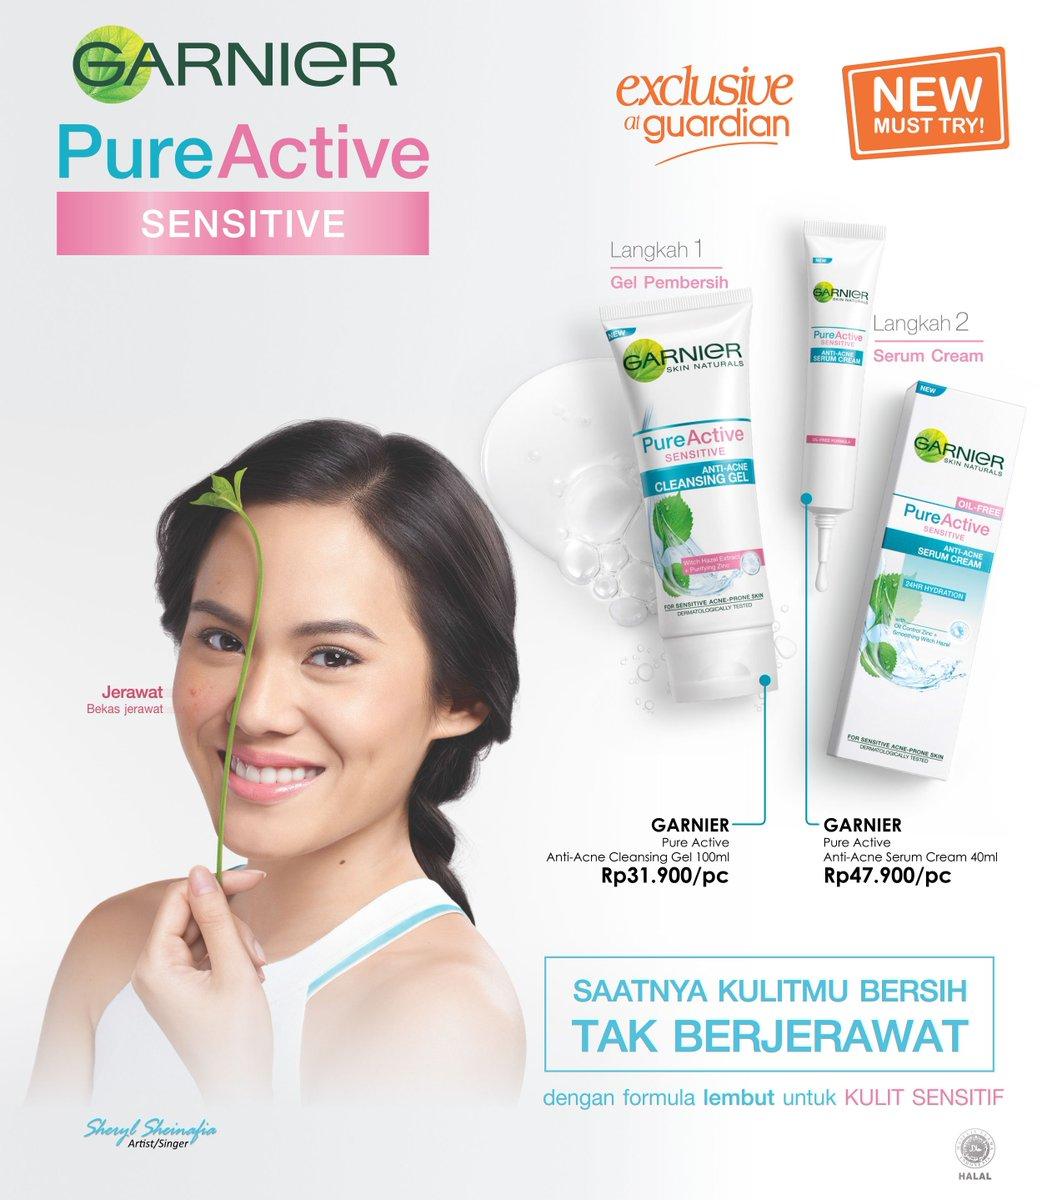 Baru Nih Di Guardian Garnier Pure Sensitive Skin Cocok Untuk Yang Active Anti Acne Cleansing Gel Foam 100 Ml Guardianangels Memiliki